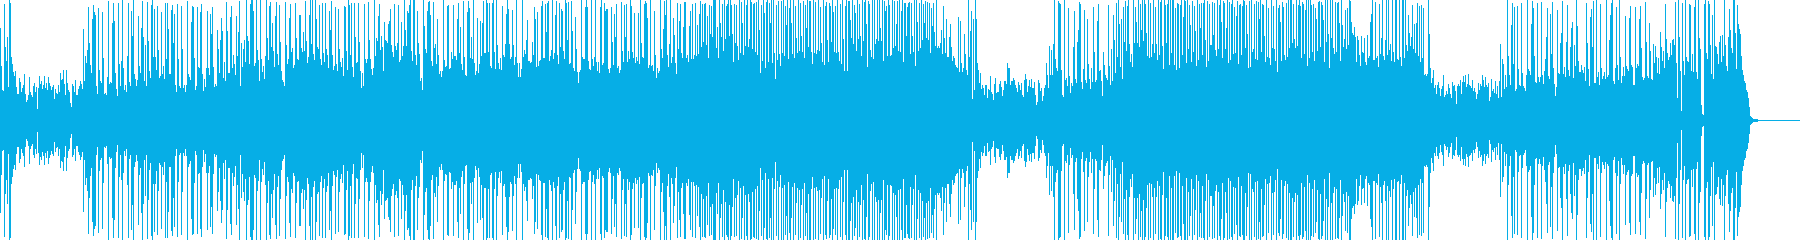 夏をイメージしたファンキーチューンの再生済みの波形